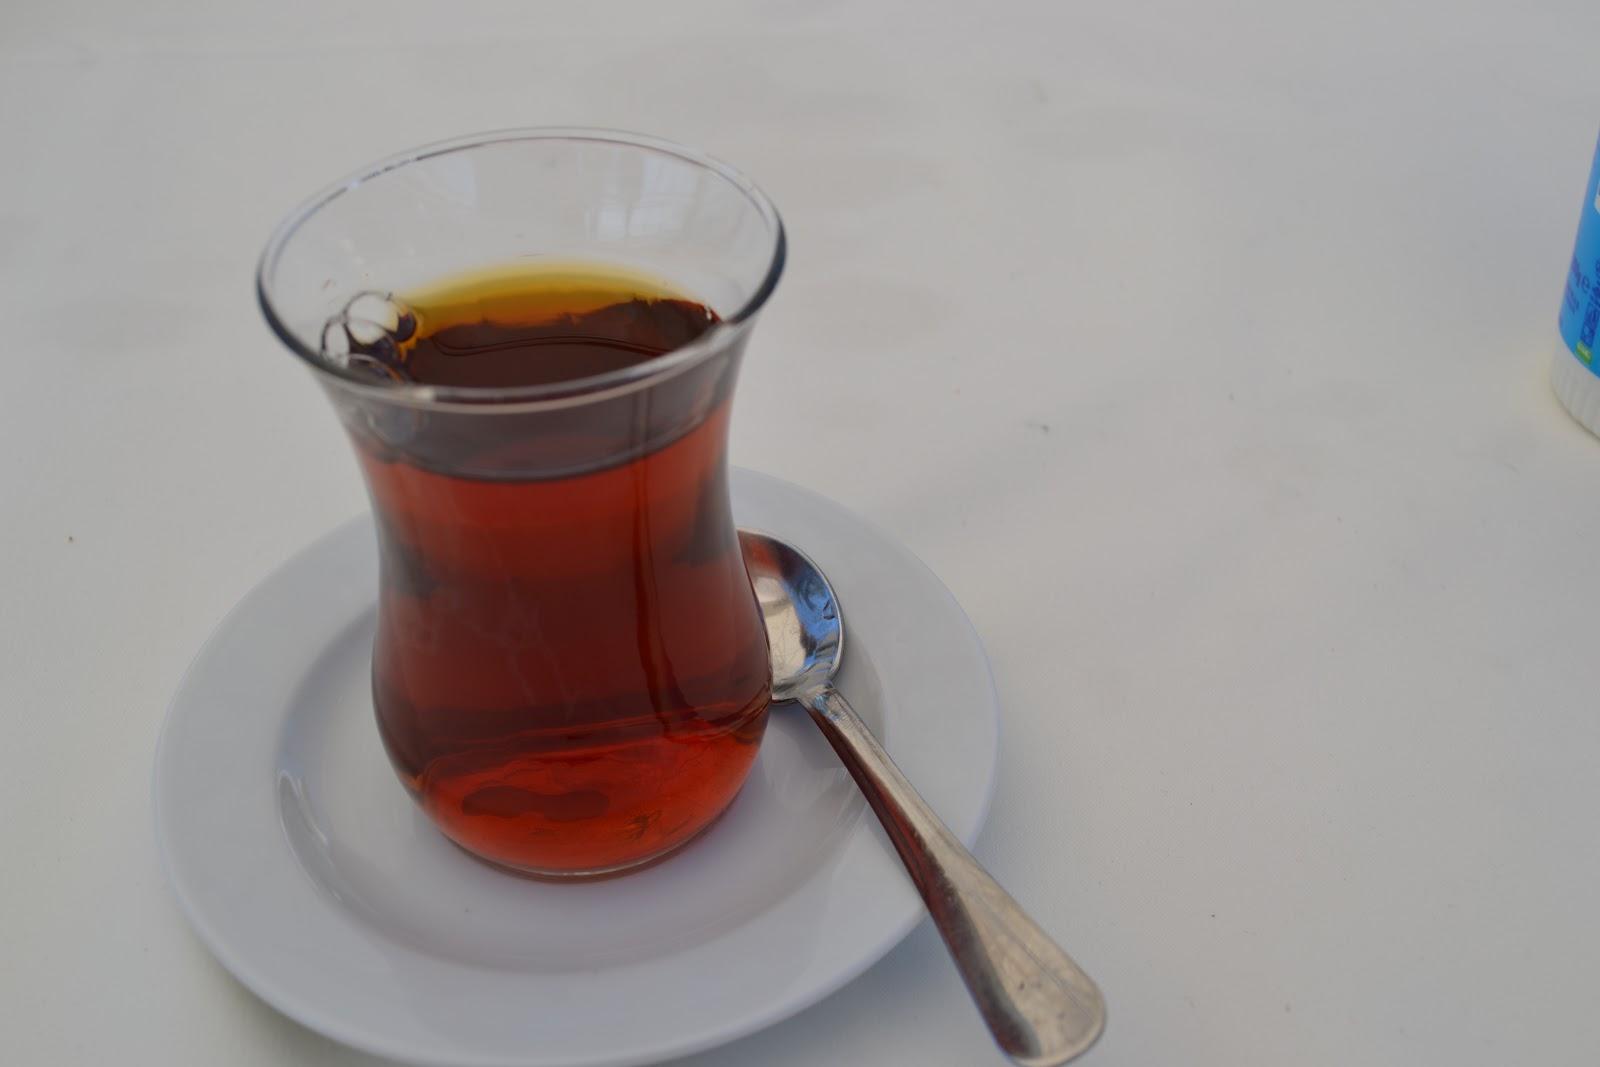 Viagra tea